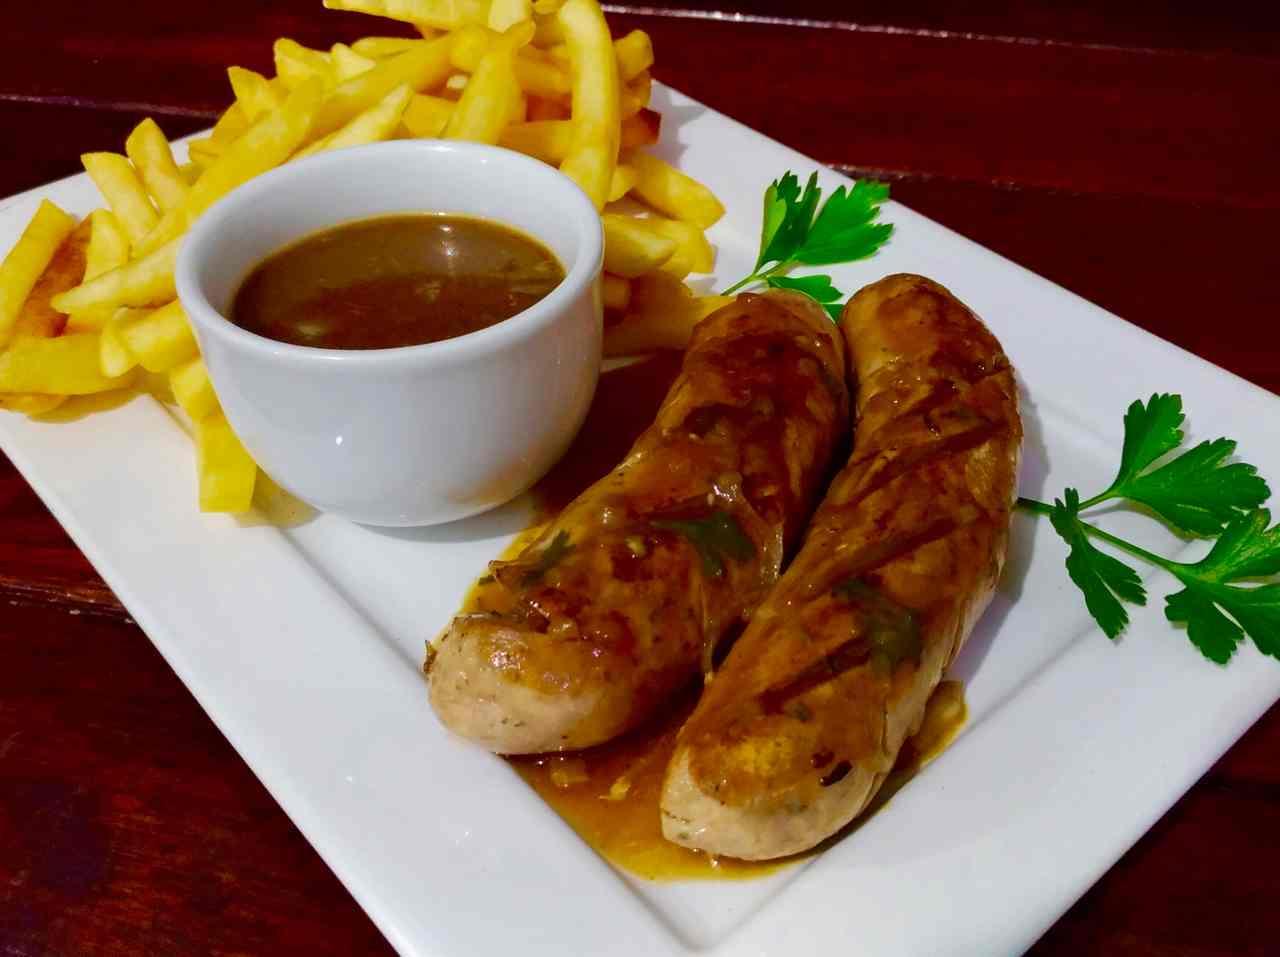 O salsichão é um prato alemão bastante típico | Foto: divulgação